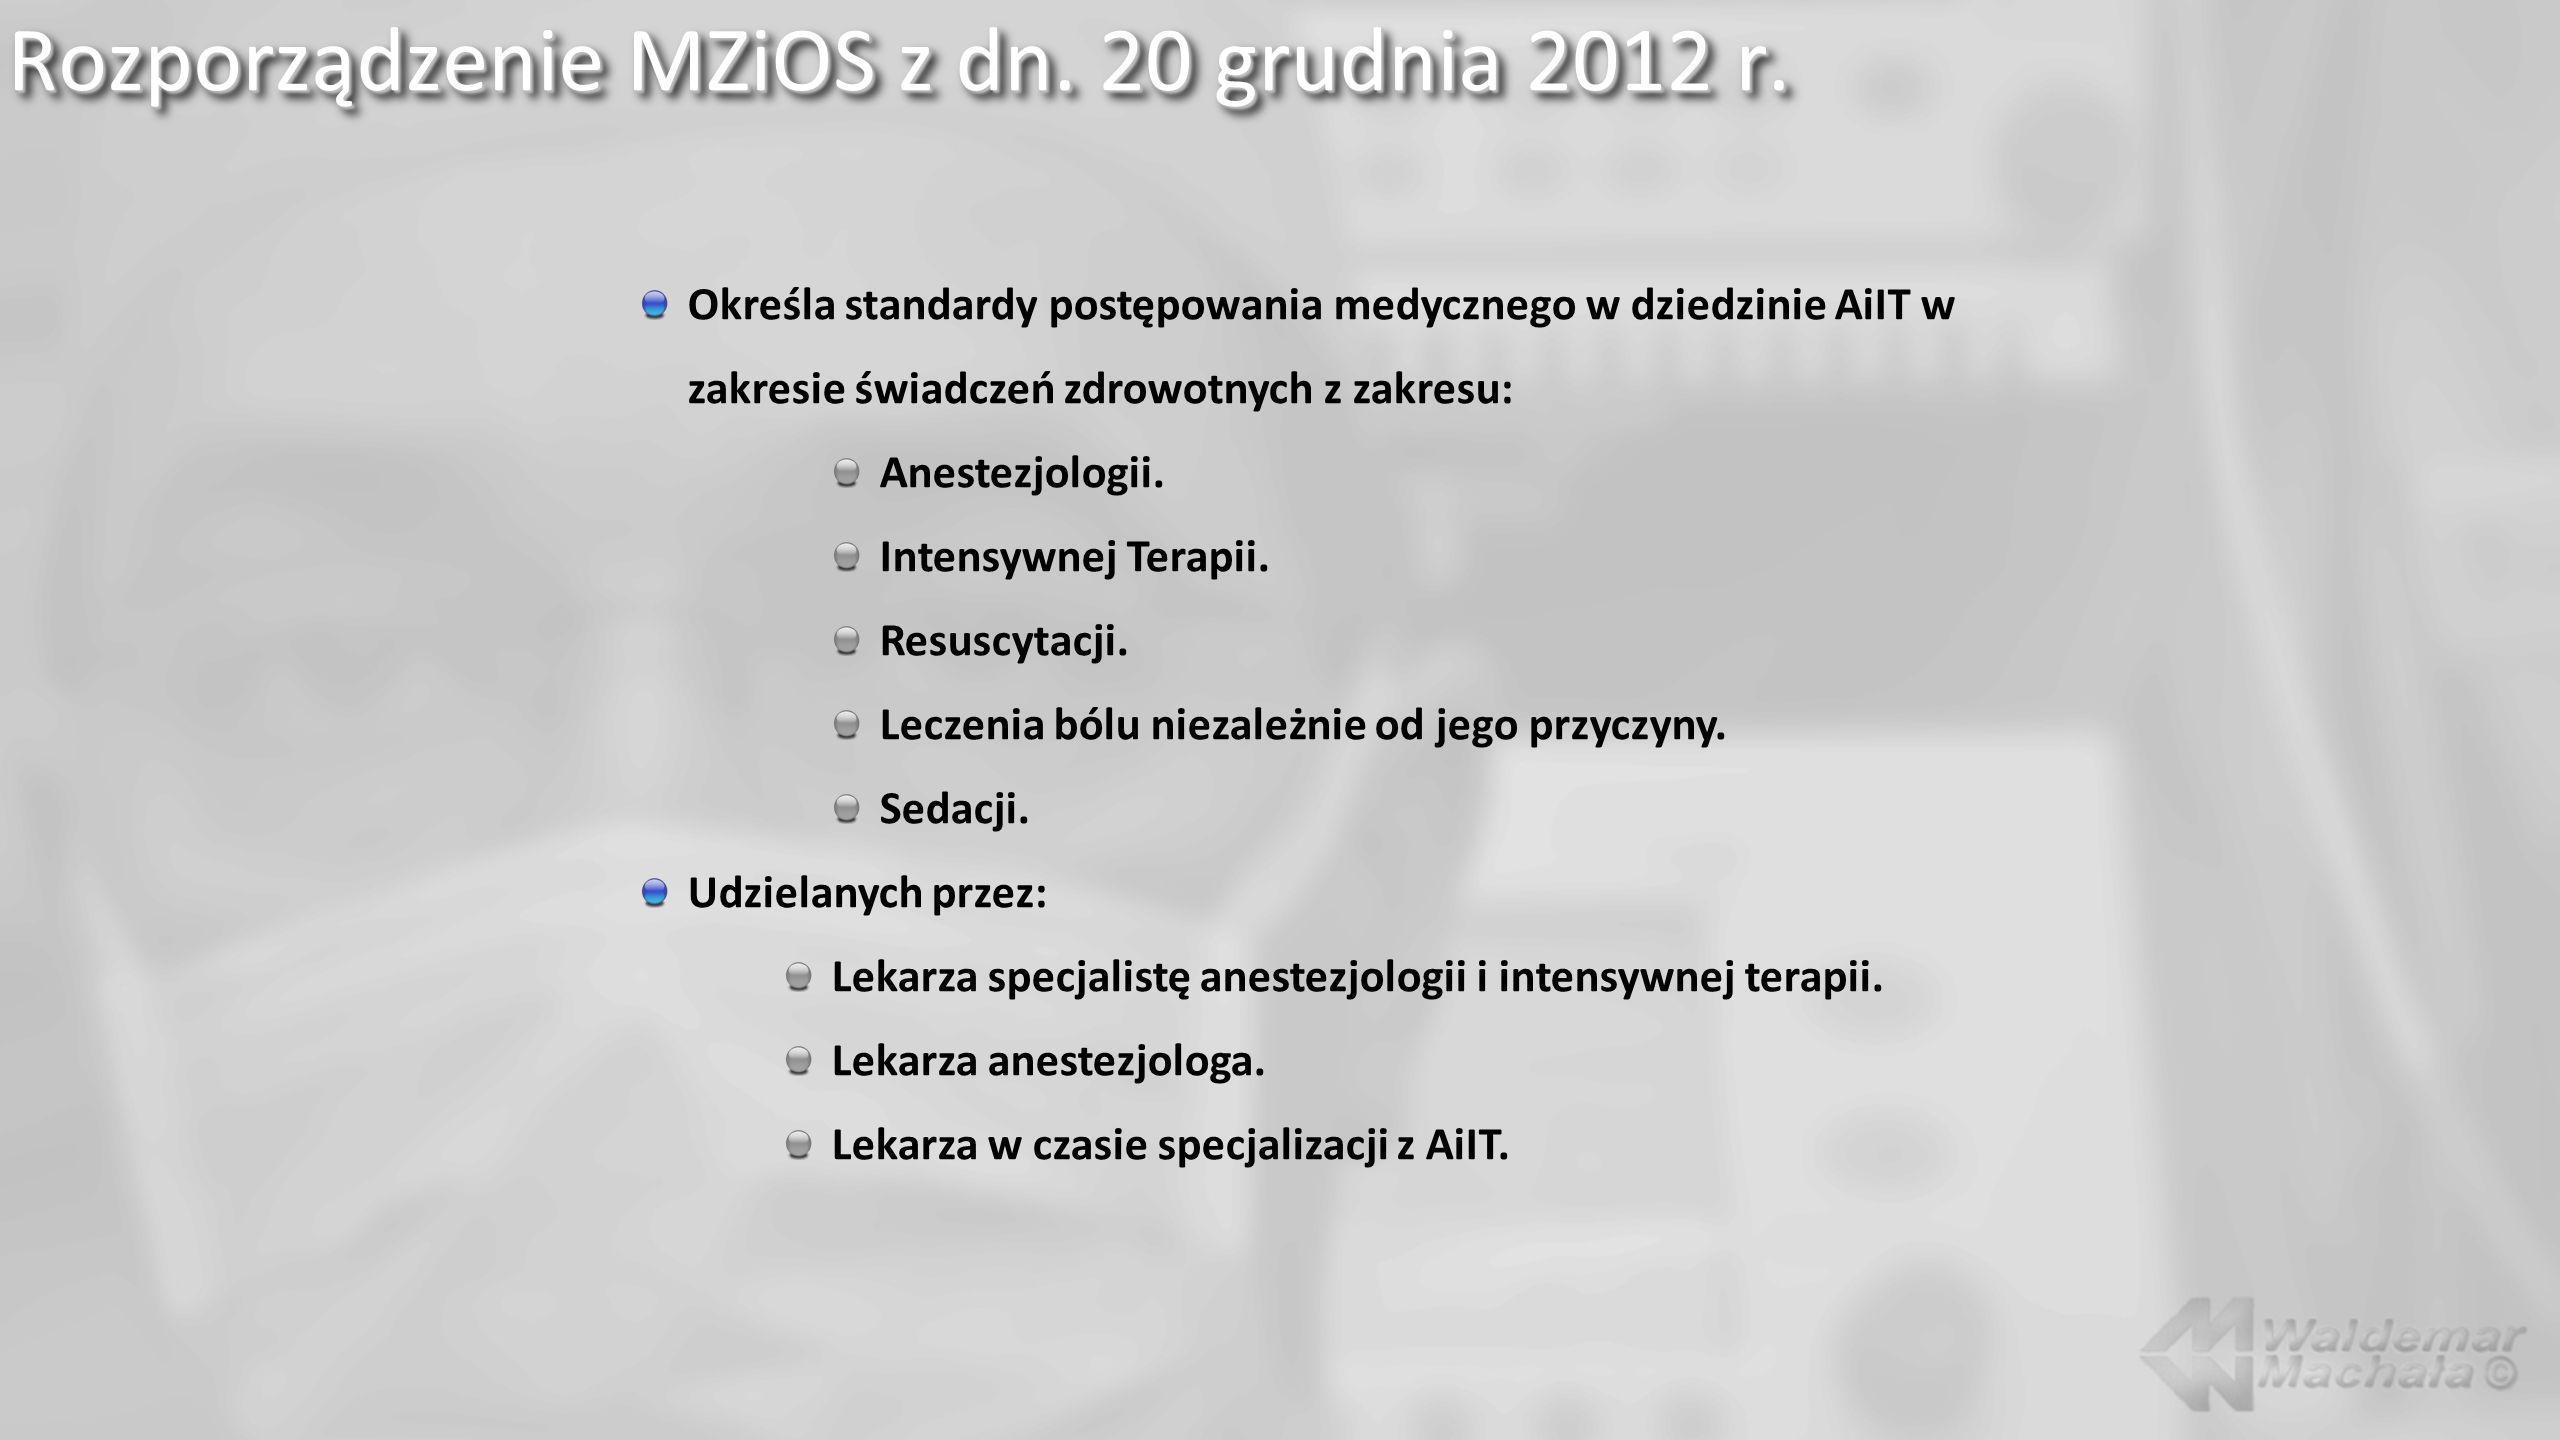 Rozporządzenie MZiOS z dn. 20 grudnia 2012 r. Określa standardy postępowania medycznego w dziedzinie AiIT w zakresie świadczeń zdrowotnych z zakresu: